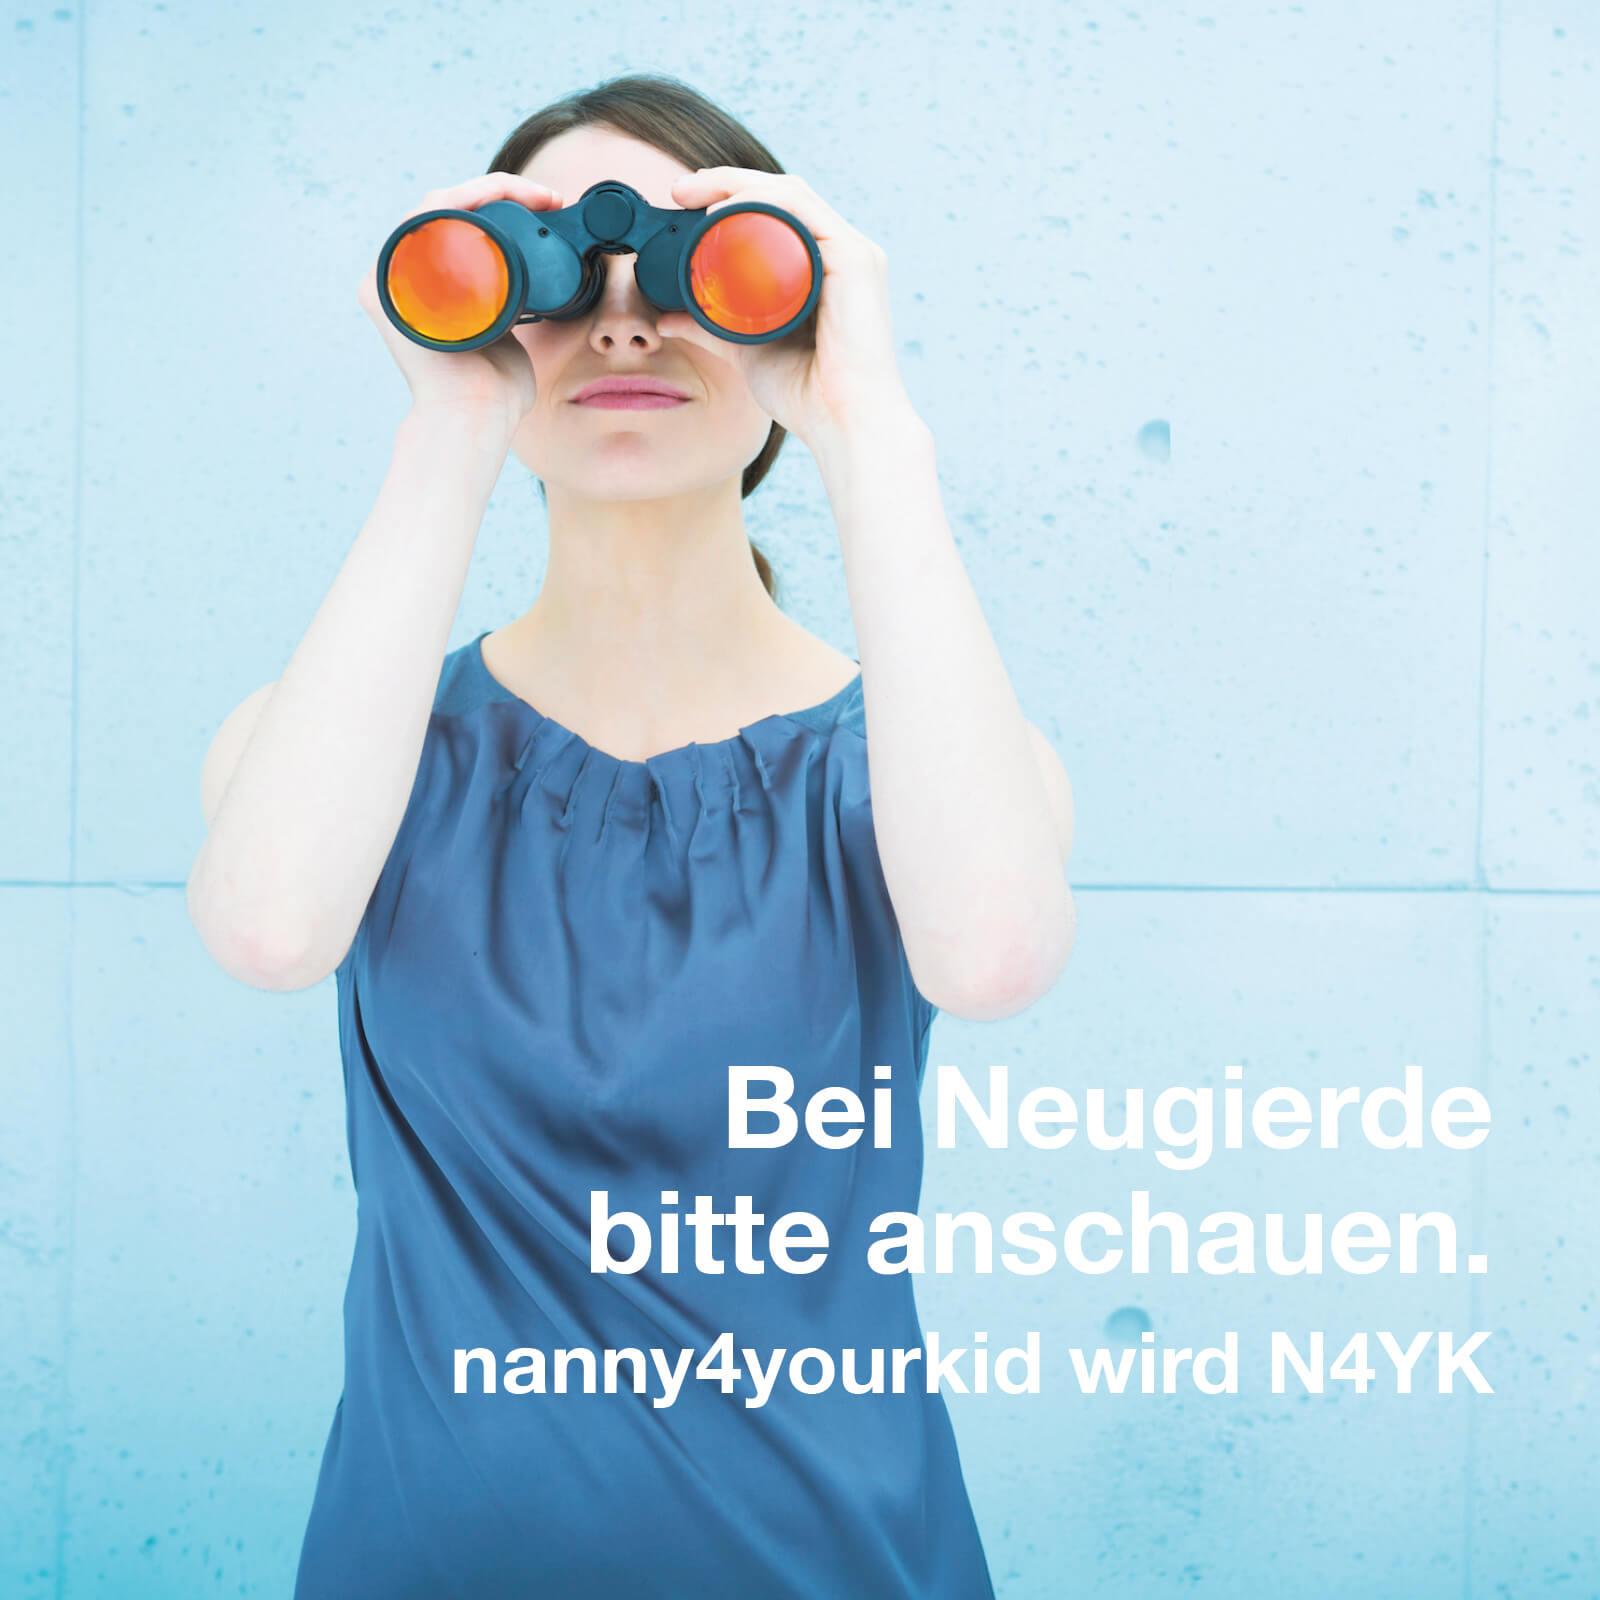 Aus nanny4yourkid wird N4YK